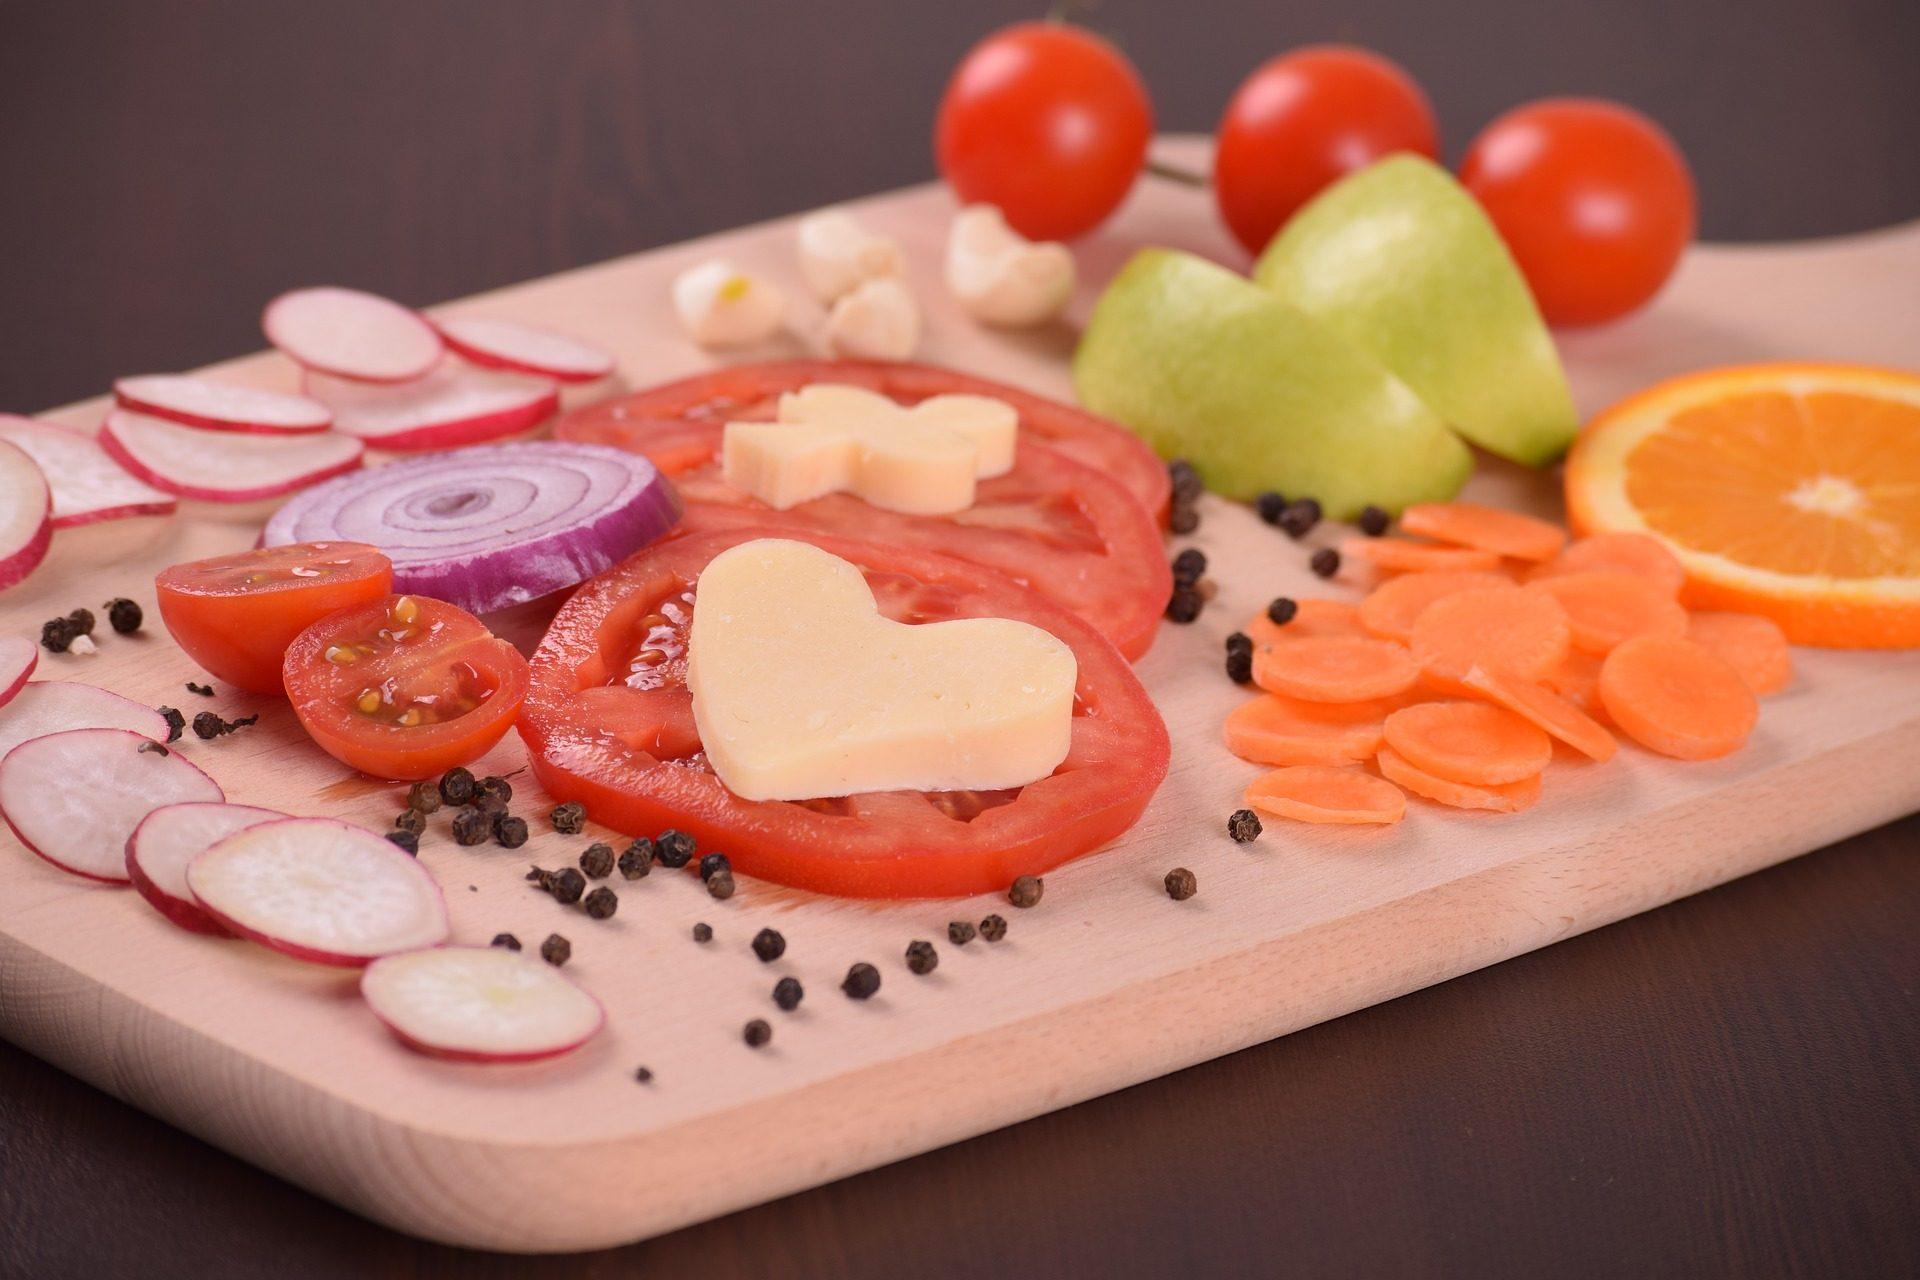 サラダ, 野菜, フルーツ, トマト, タマネギ, ニンジン, オレンジ - HD の壁紙 - 教授-falken.com